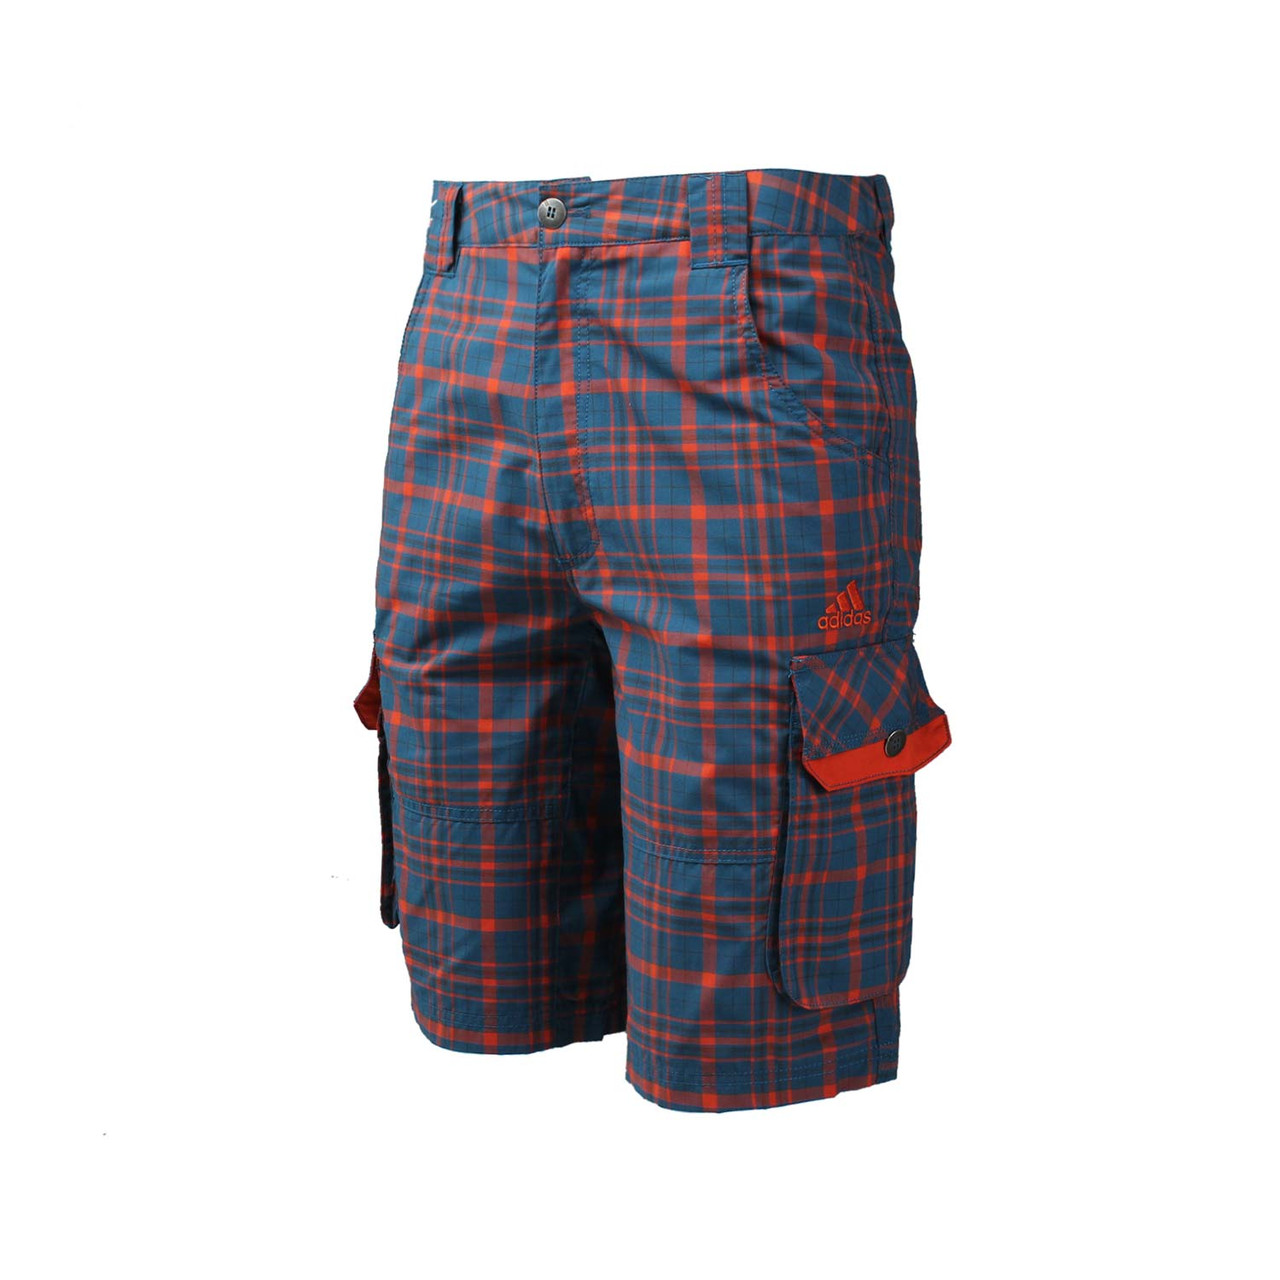 Шорты спортивные, мужские adidas D81660 Men's Edo Check Shorts адидас